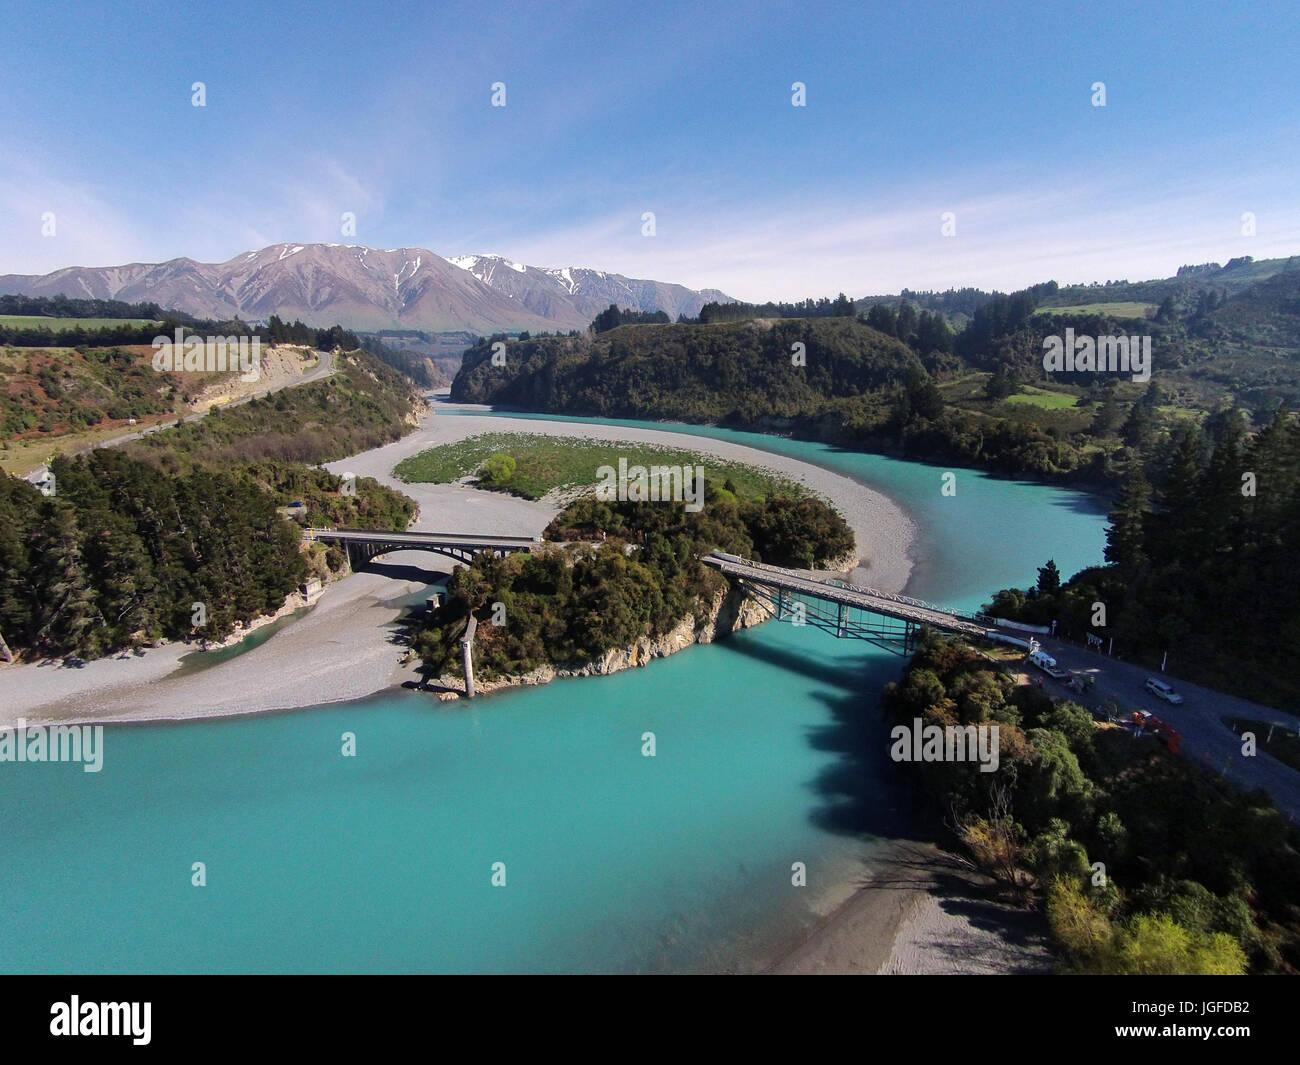 Mount Hutt, Rango, Rakaia Gorge Bridge (1882), Río Rakaia y Rakaia Gorge, Canterbury, Isla del Sur, Nueva Zelanda - antena drone Foto de stock